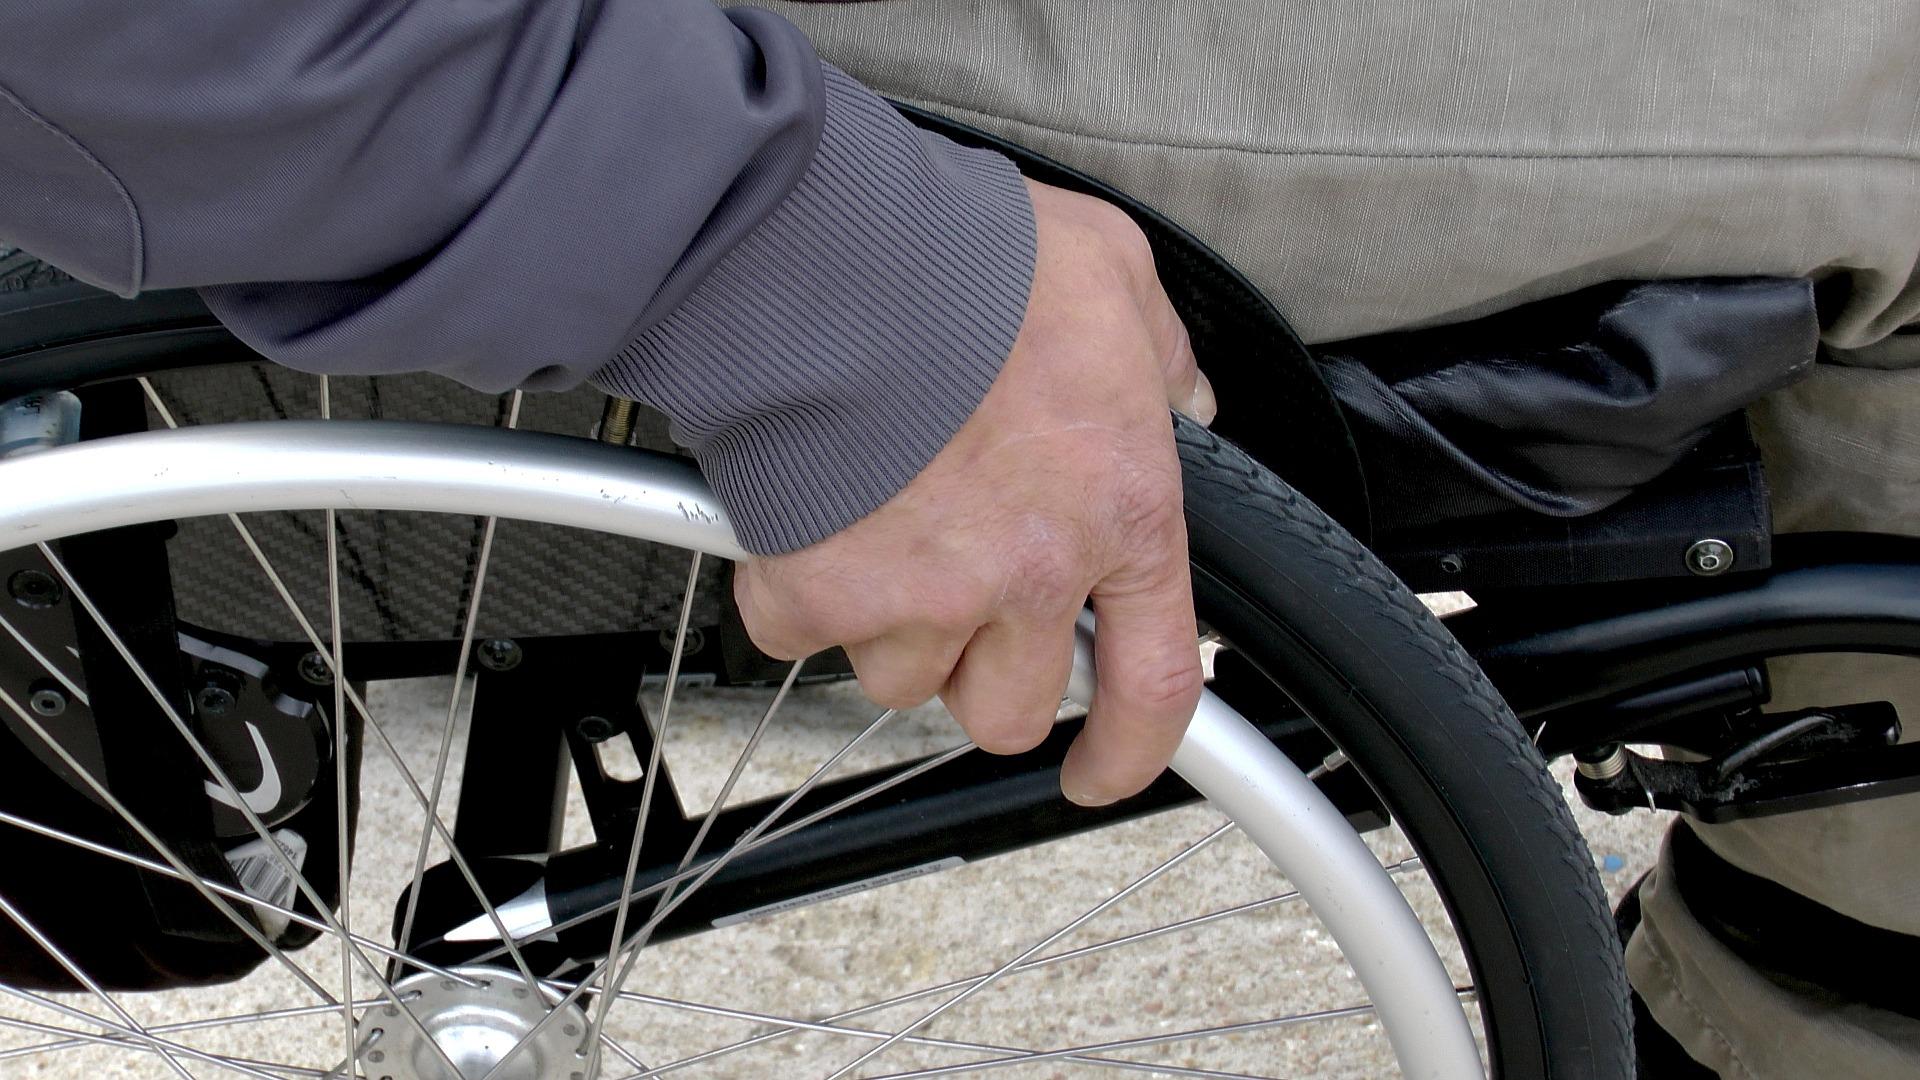 Ein Bildausschnitt mit einer Hand am Rad eines Rollstuhls